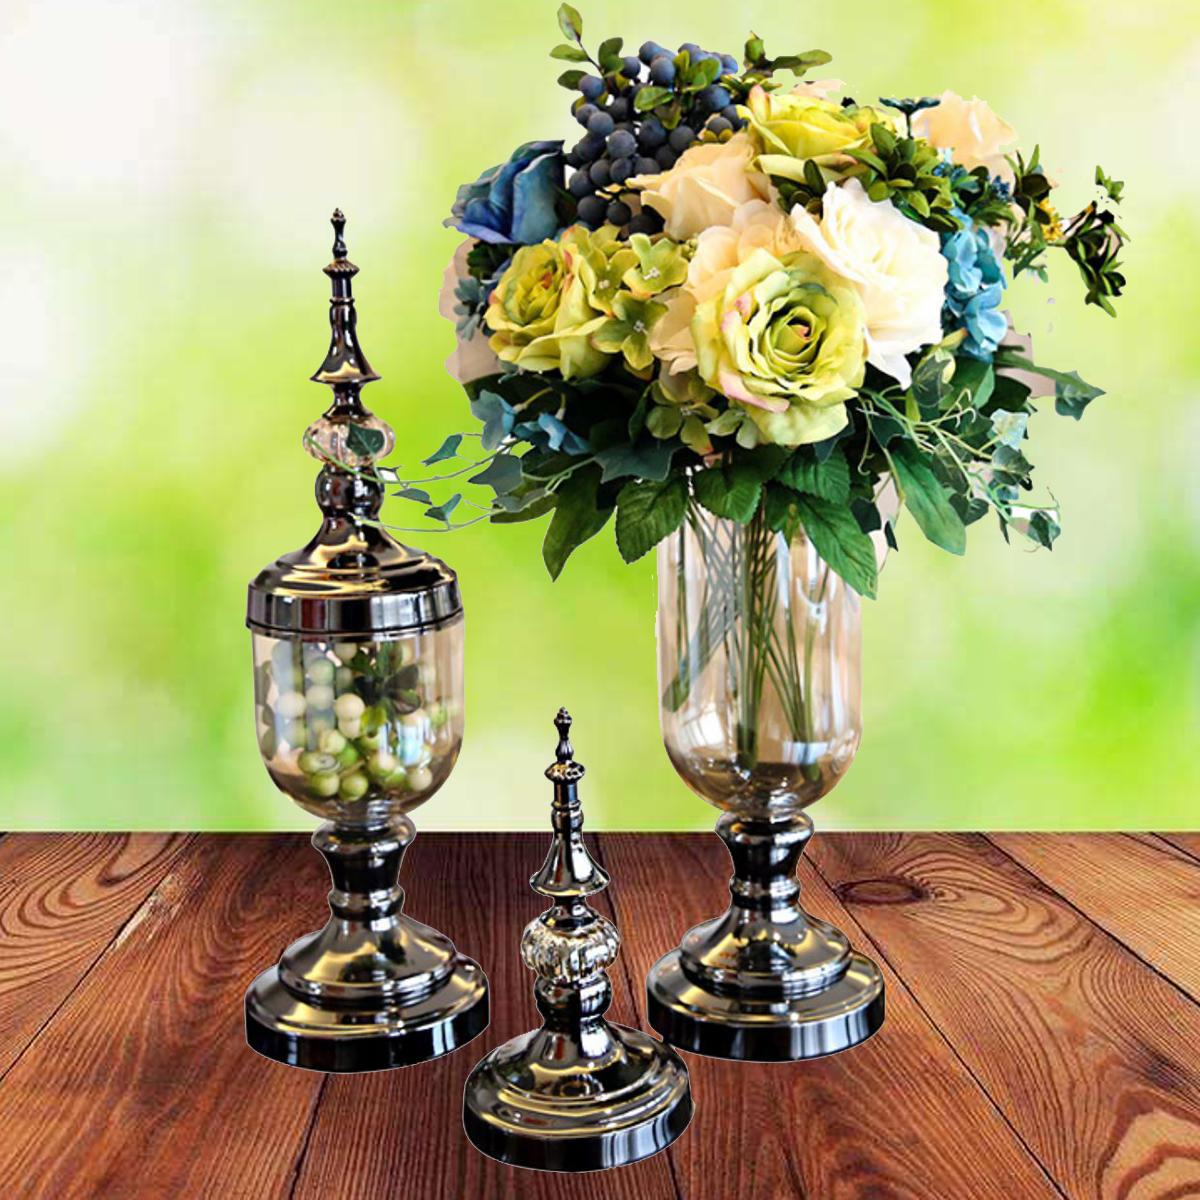 Retro Flower Stand Chic Indoor Garden Metal Plant Holder Display Planter Vase - 3